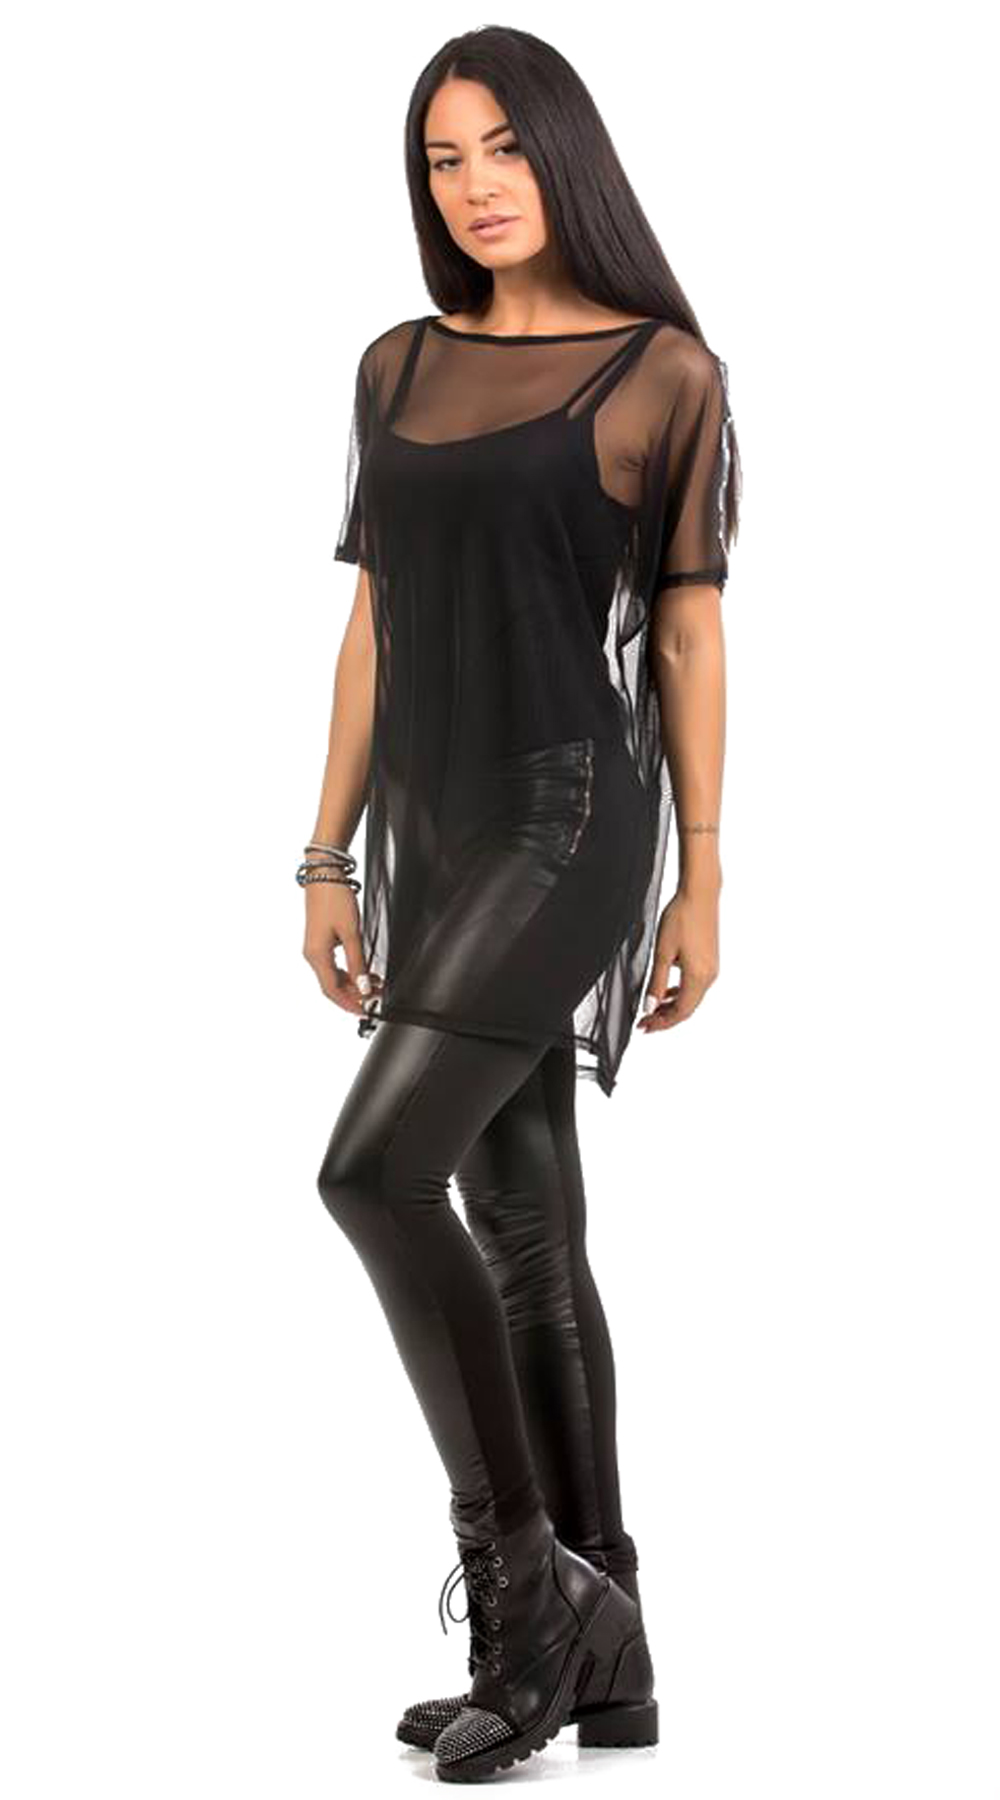 Γυναικεία μπλούζα απο τούλι - Greek Brands - FA17CM-11017 μπλούζες   t shirts elegant tops